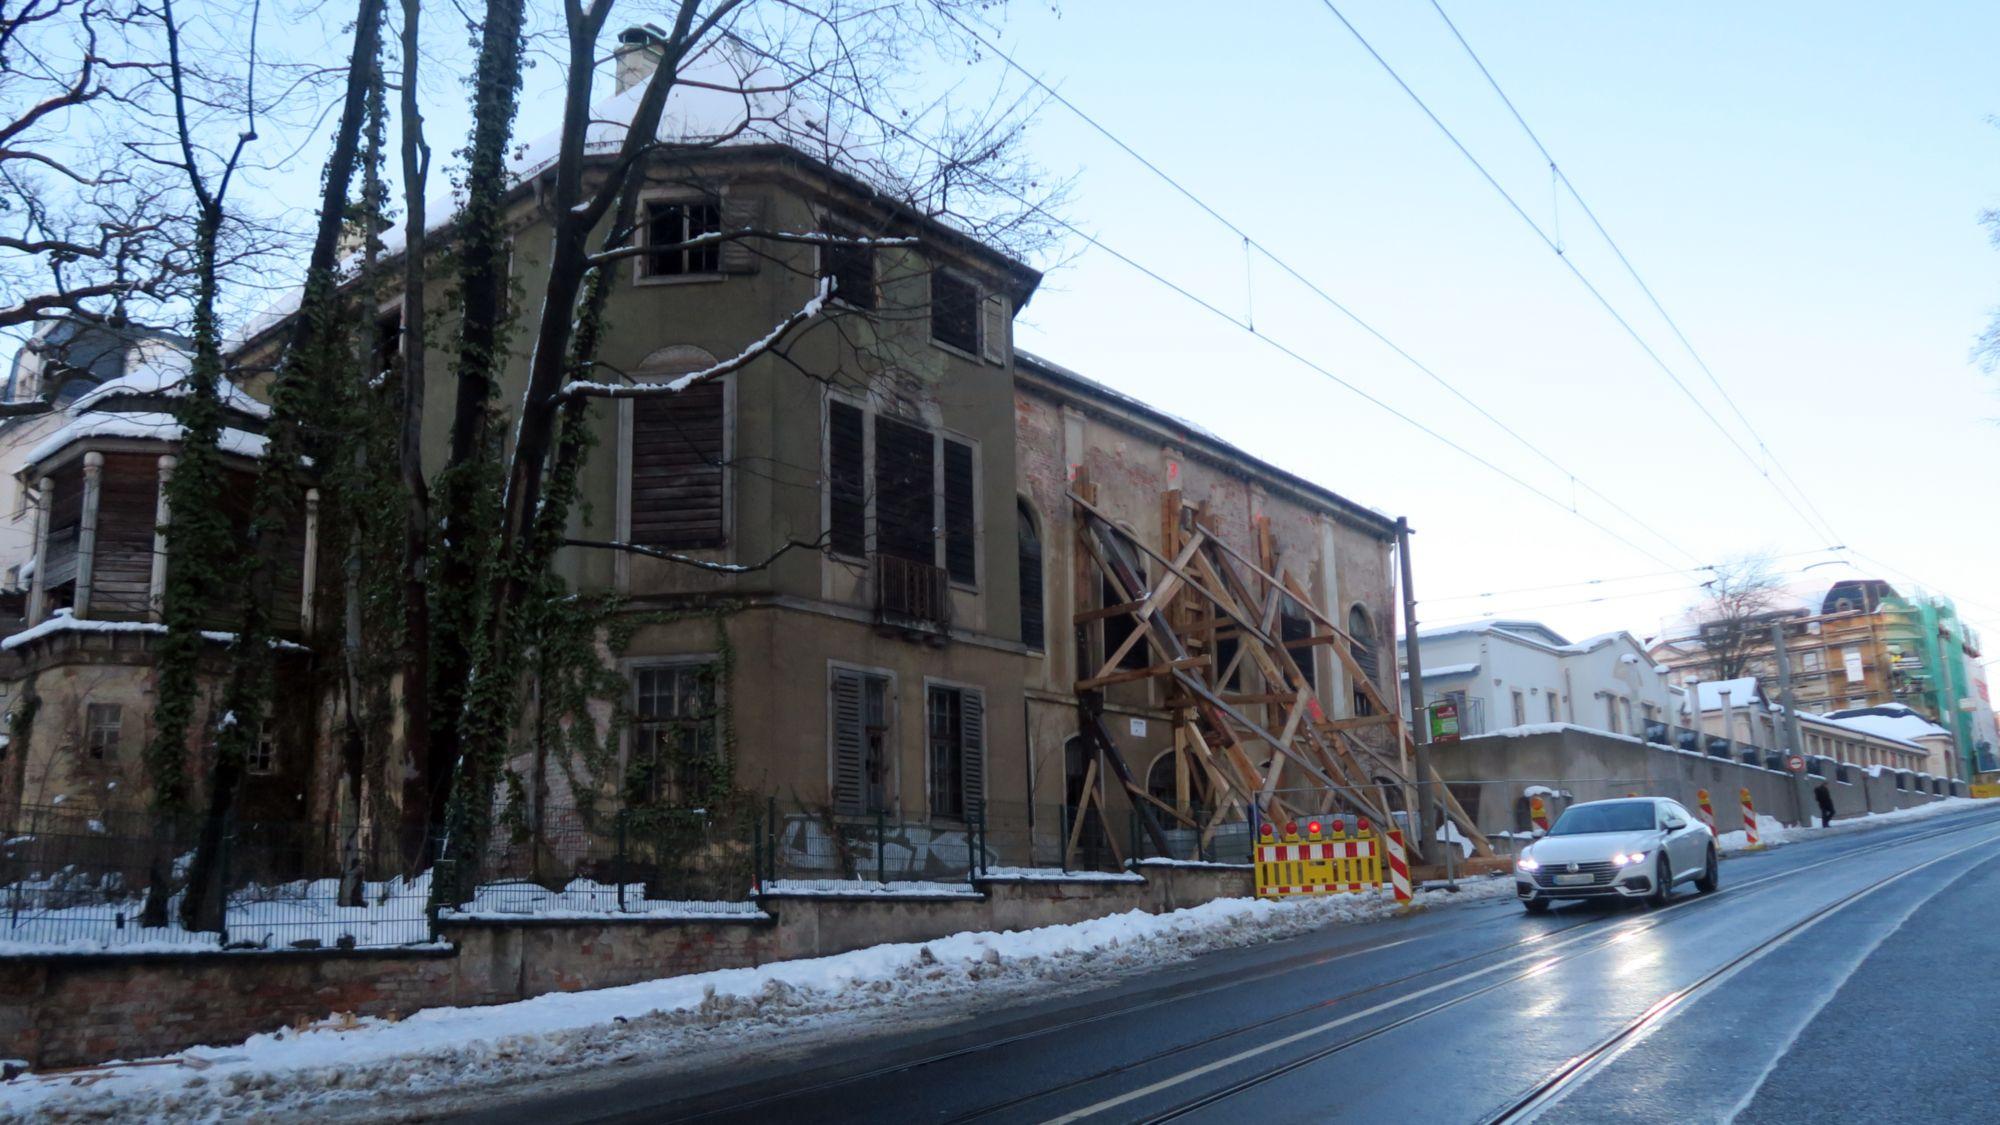 Die Bautzner Landstraße ist wieder frei, der nördliche Fußweg noch gesperrt.